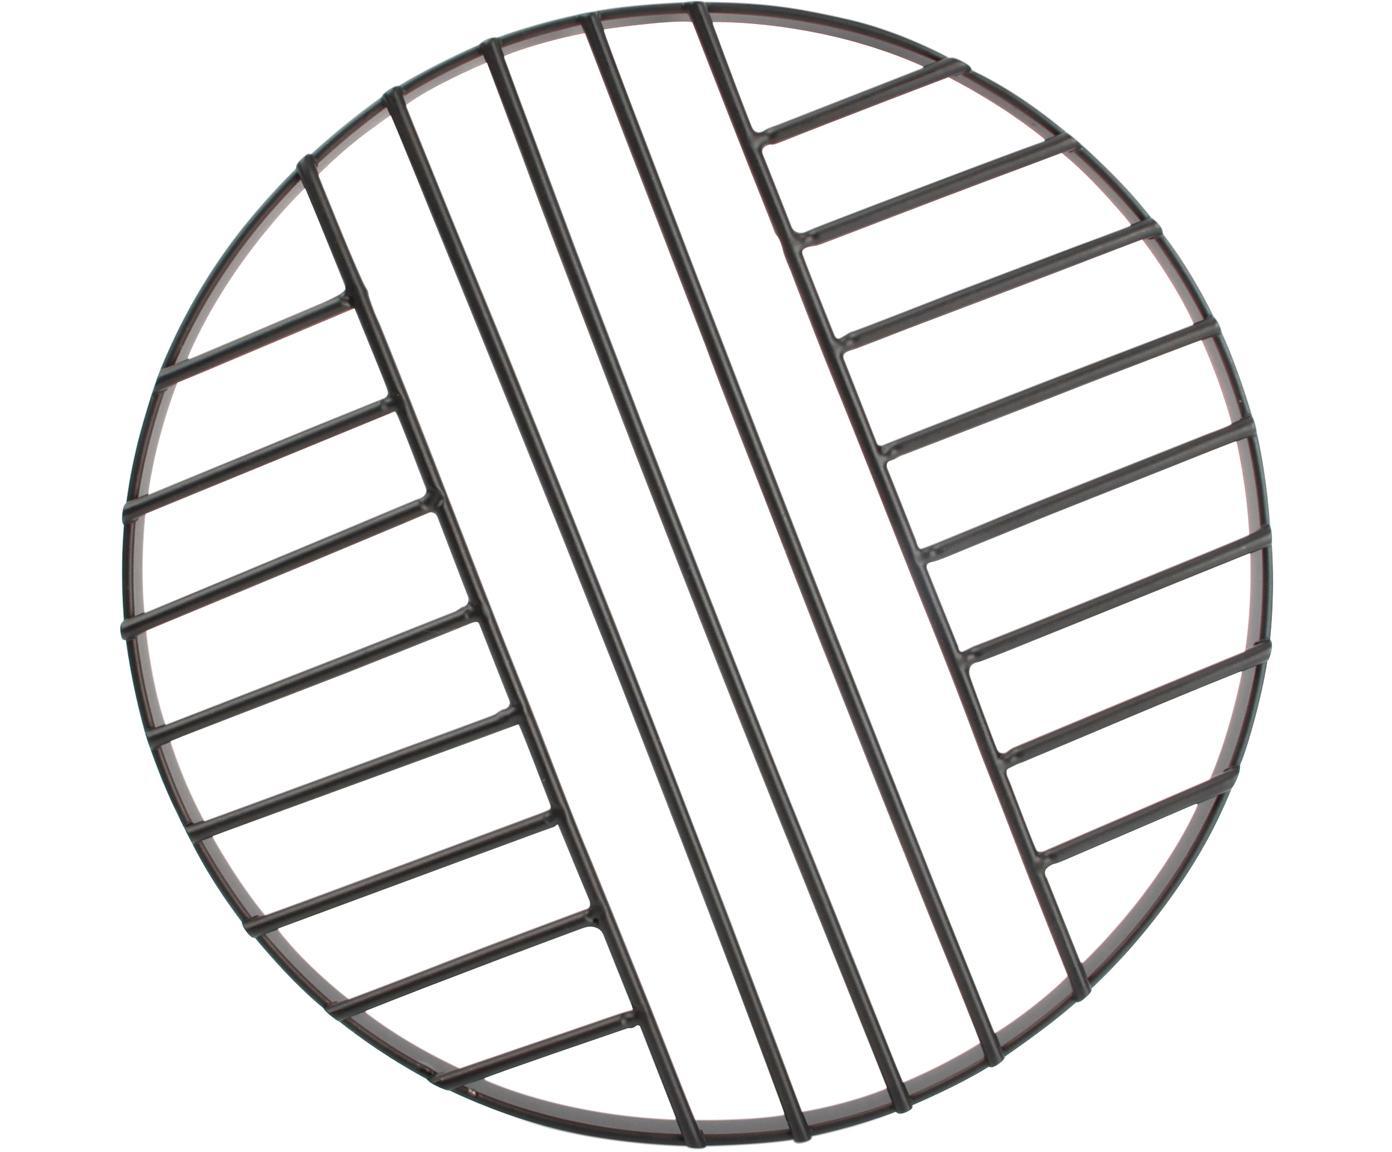 Topfuntersetzer Mazy, Metall, Schwarz, Ø 20 cm